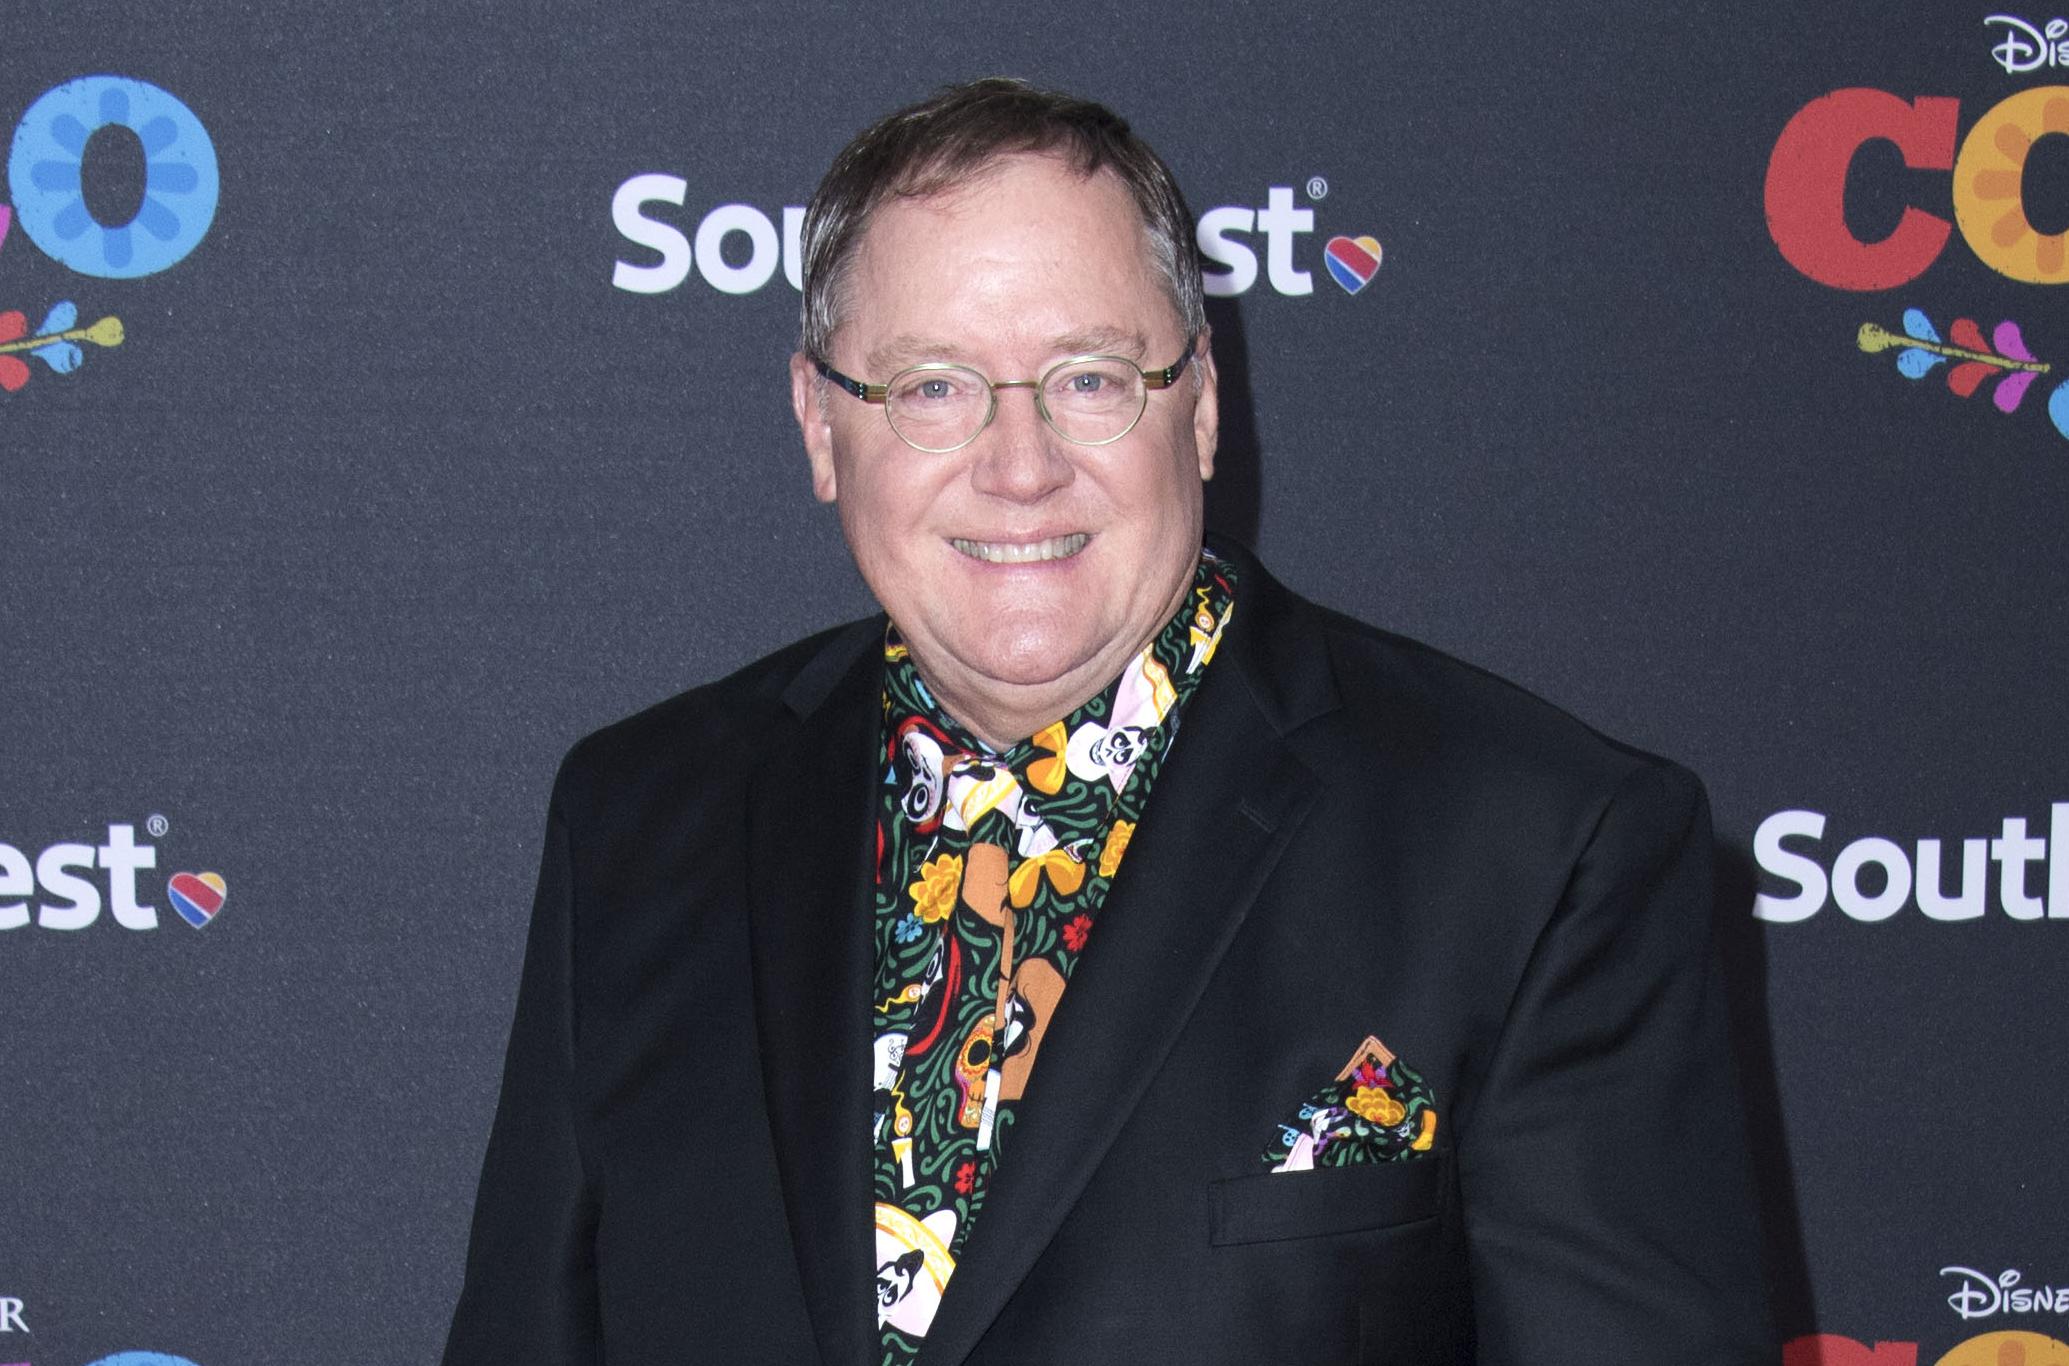 John Lasseter |Agence France-Presse